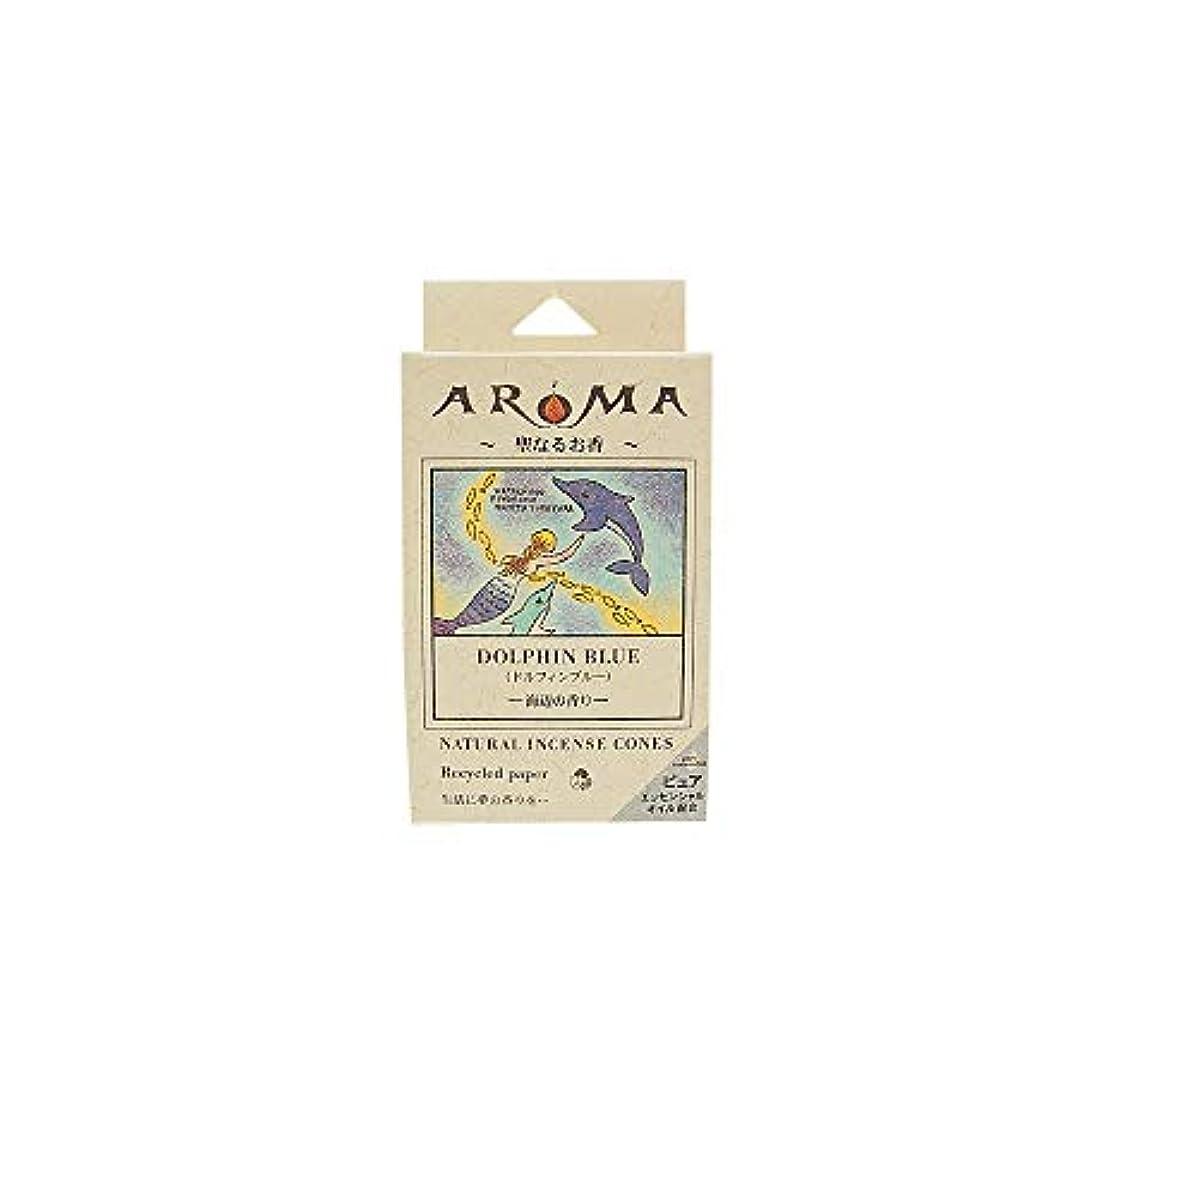 溶けるピンライオンアロマ香 ドルフィンブルー 16粒(コーンタイプインセンス 1粒の燃焼時間約20分 海辺の香り)